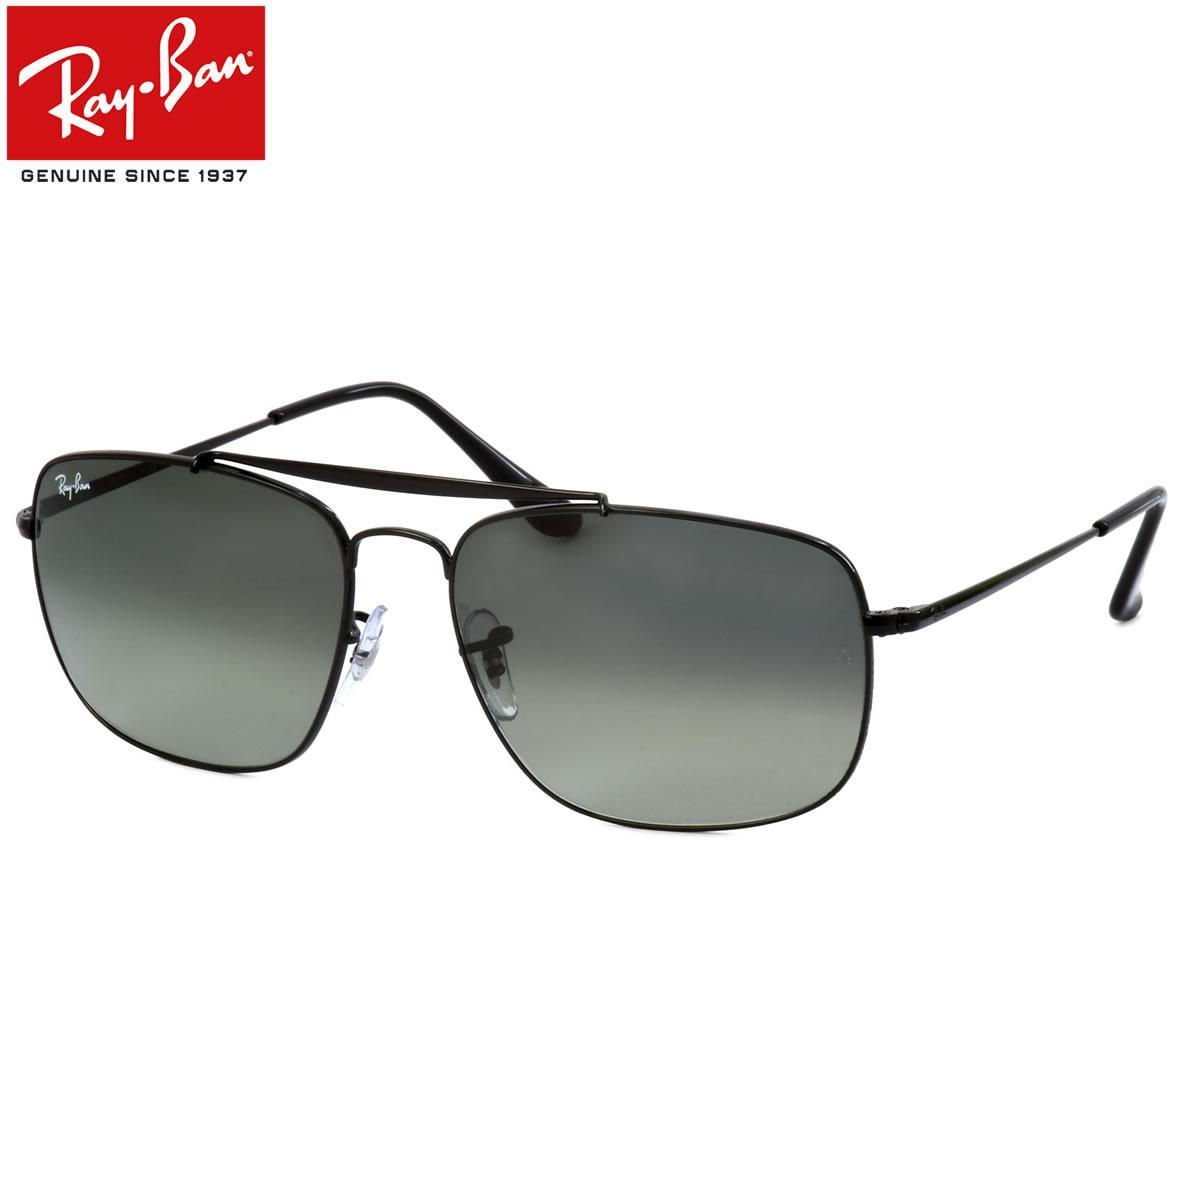 Ray-Ban レイバン サングラス RB3560 002/71 58サイズ 61サイズ COLONEL コロネル 大佐 ツーブリッジ ダブルブリッジ ブラック レイバン RayBan メンズ レディース